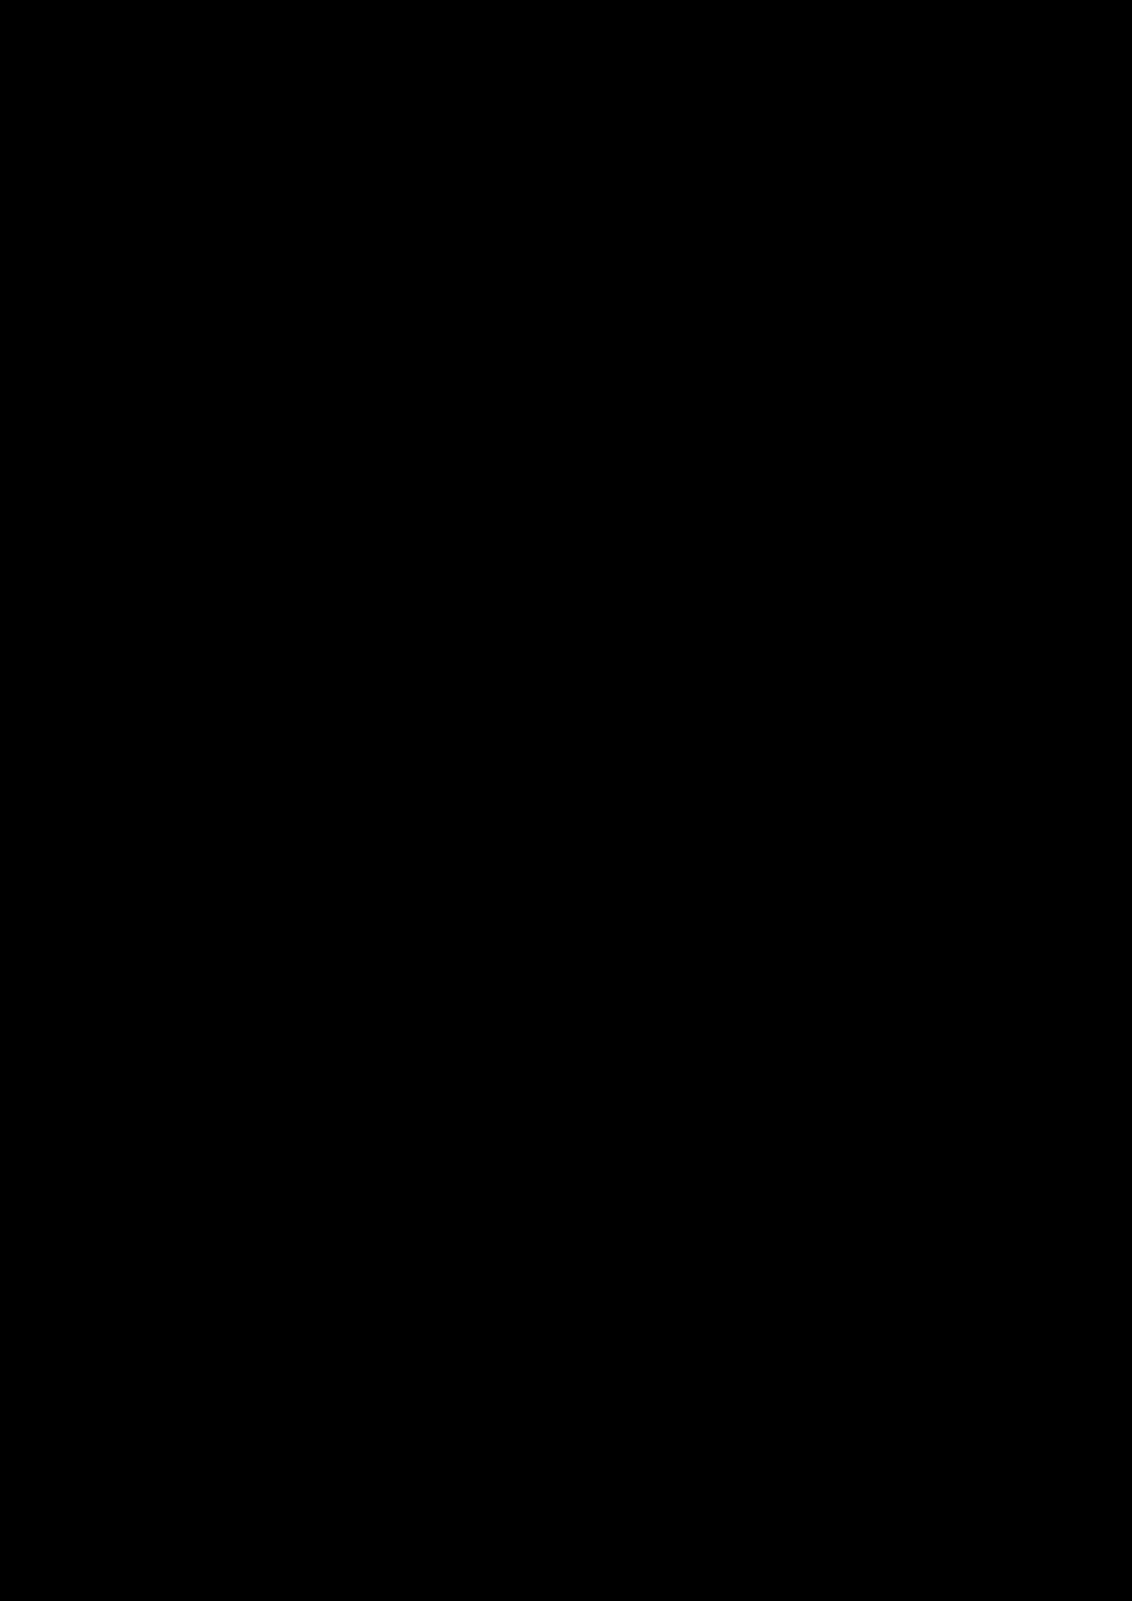 Proschanie s volshebnoy stranoy slide, Image 105